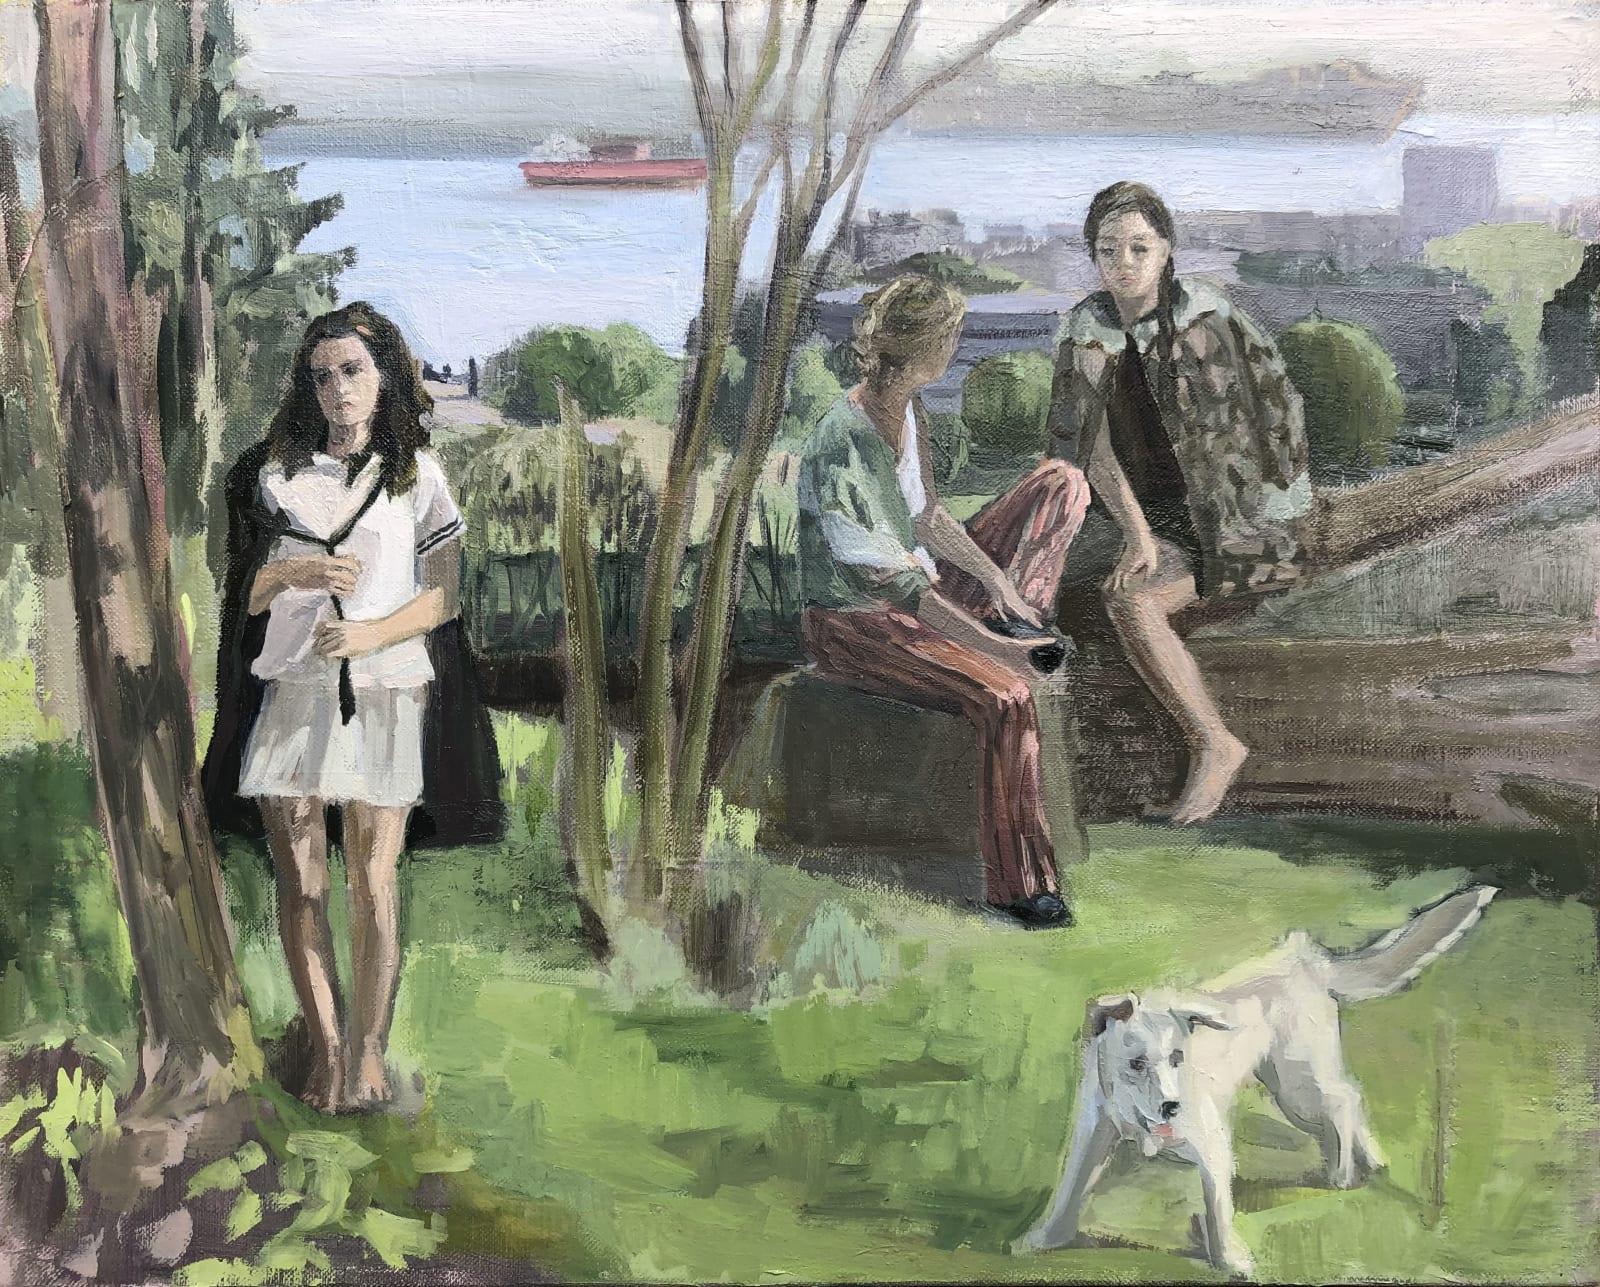 Vera Iliatova, Encounter, 2020 oil on canvas, 16 x 20 in